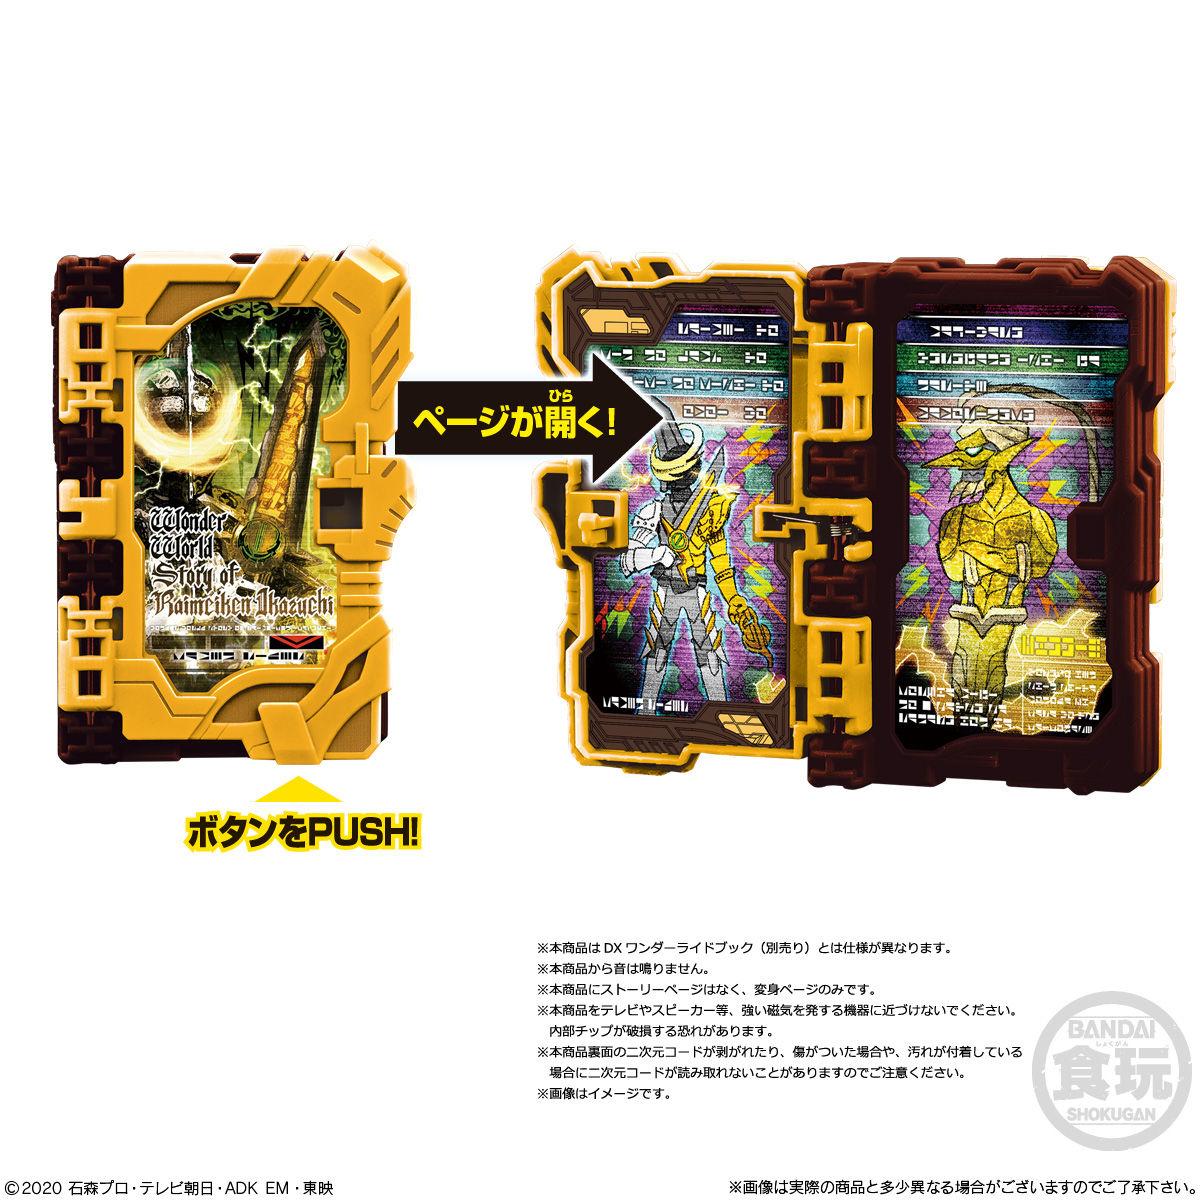 【食玩】仮面ライダーセイバー『コレクタブルワンダーライドブック SG06』8個入りBOX-008